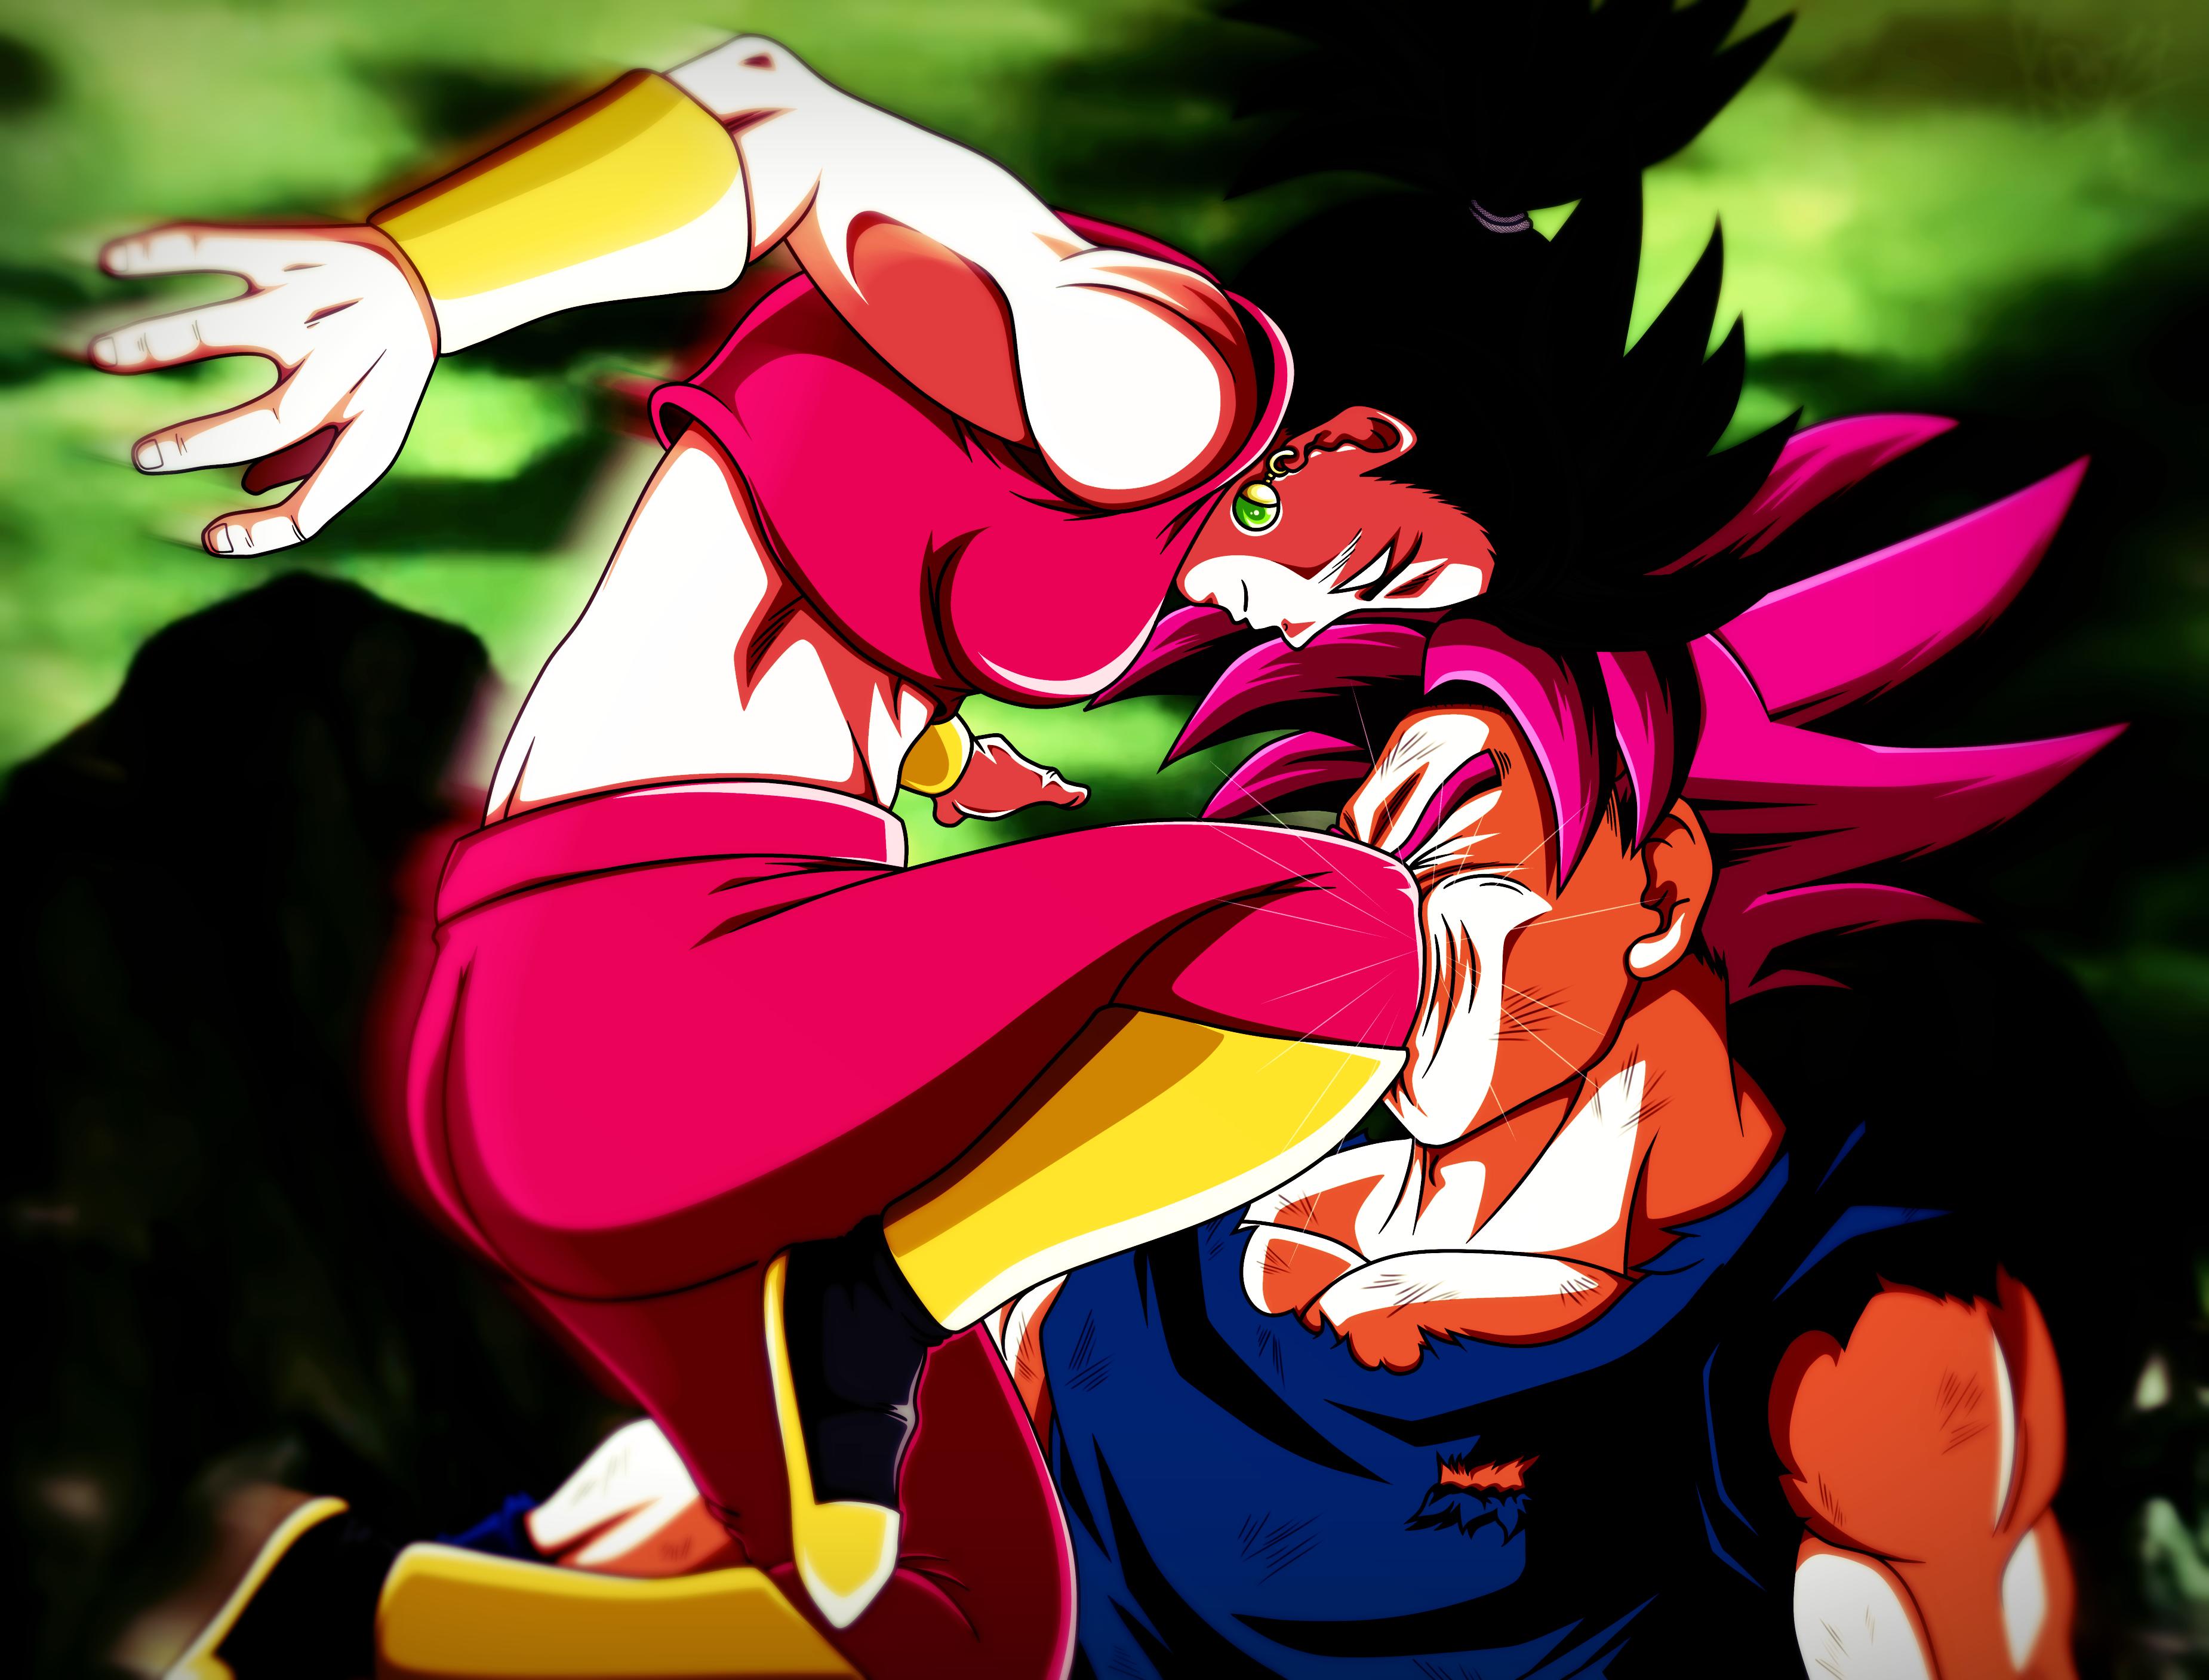 Kefla Vs Goku By Secrethet On Deviantart